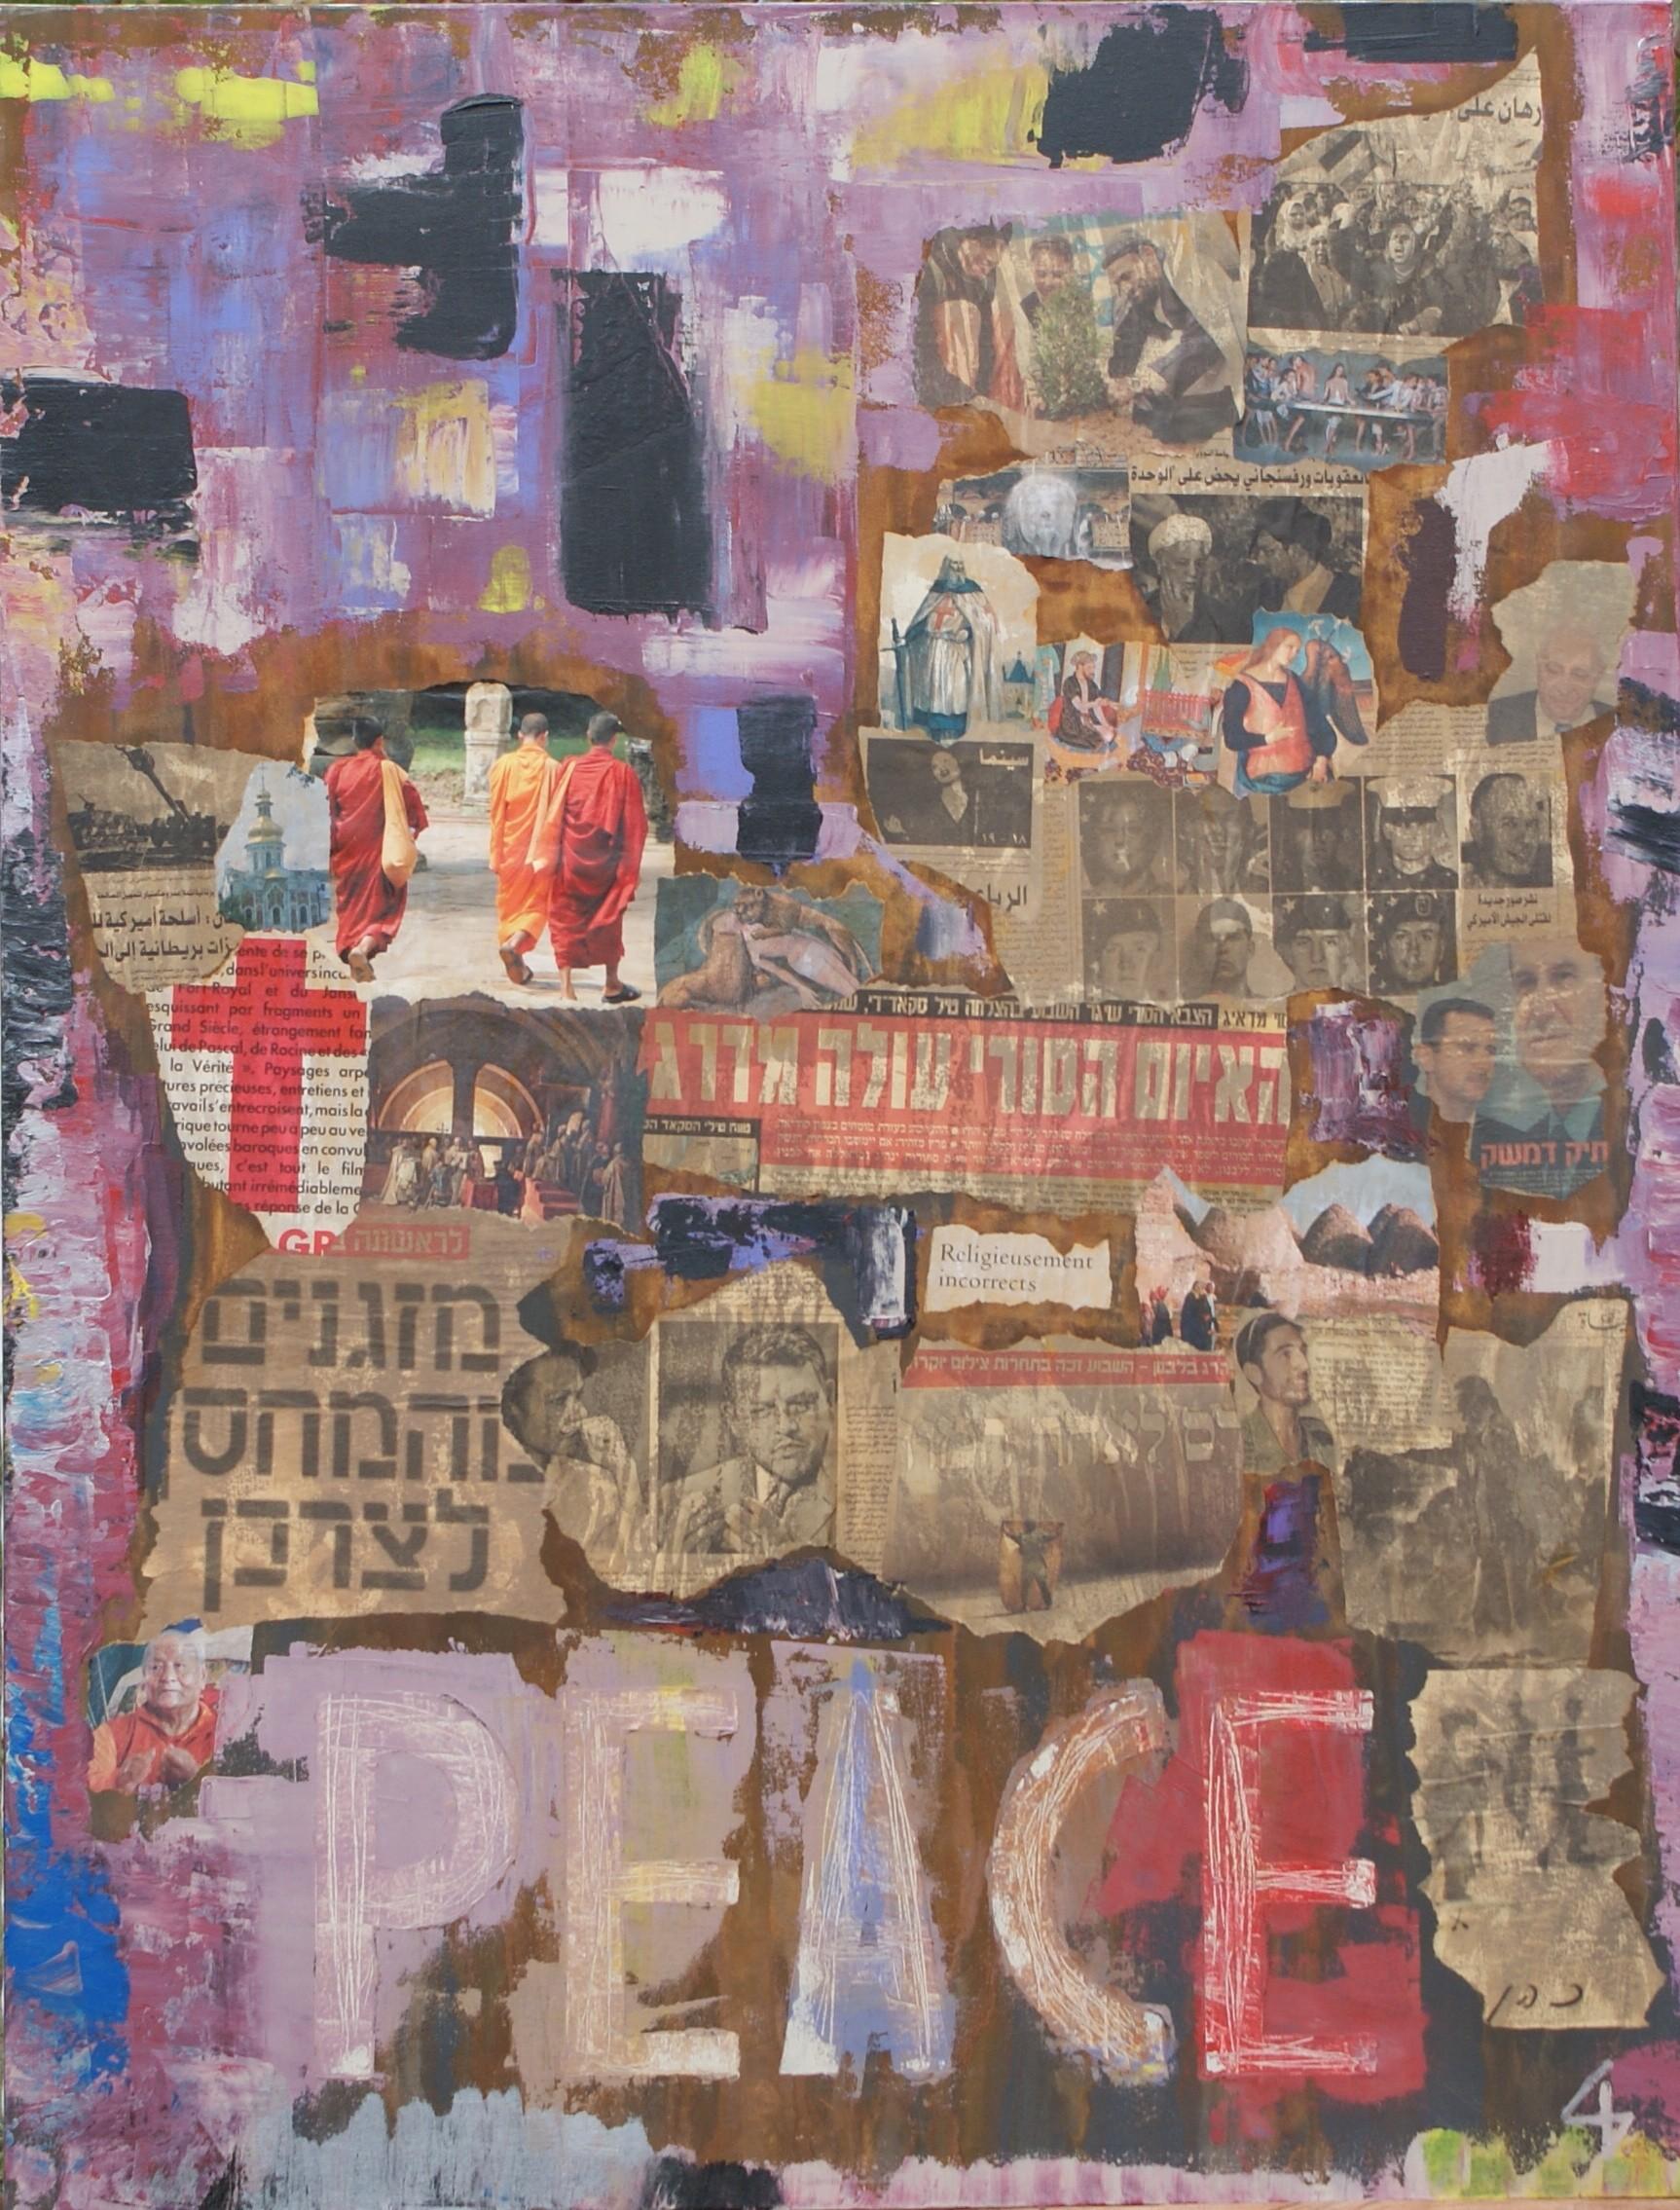 Peace - Antony Pulli